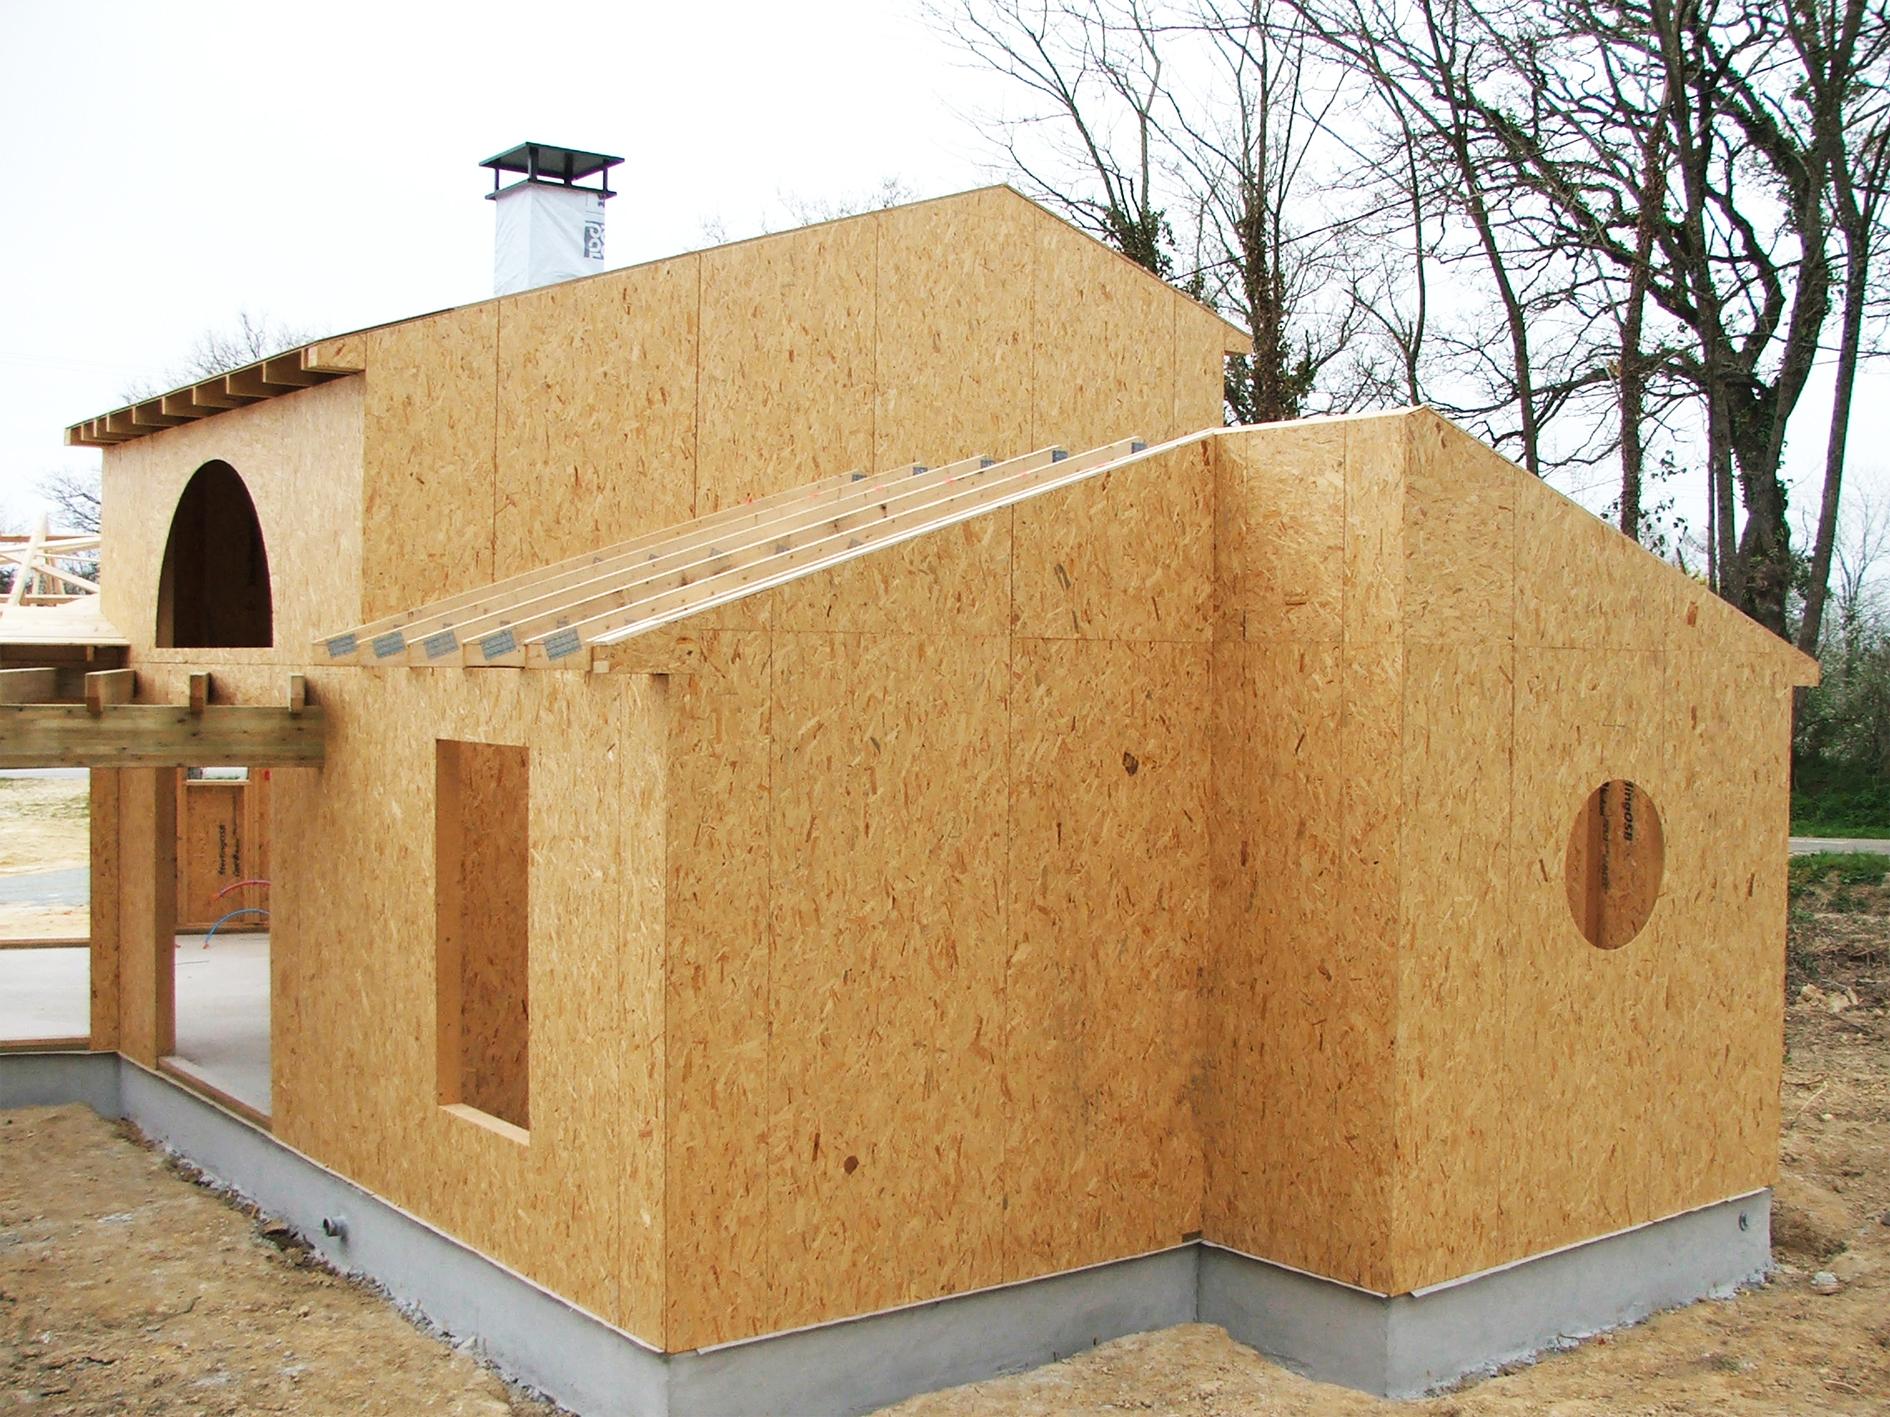 amm agencement menuiserie morineau belleville sur vie pose de fermette maison ossature bois